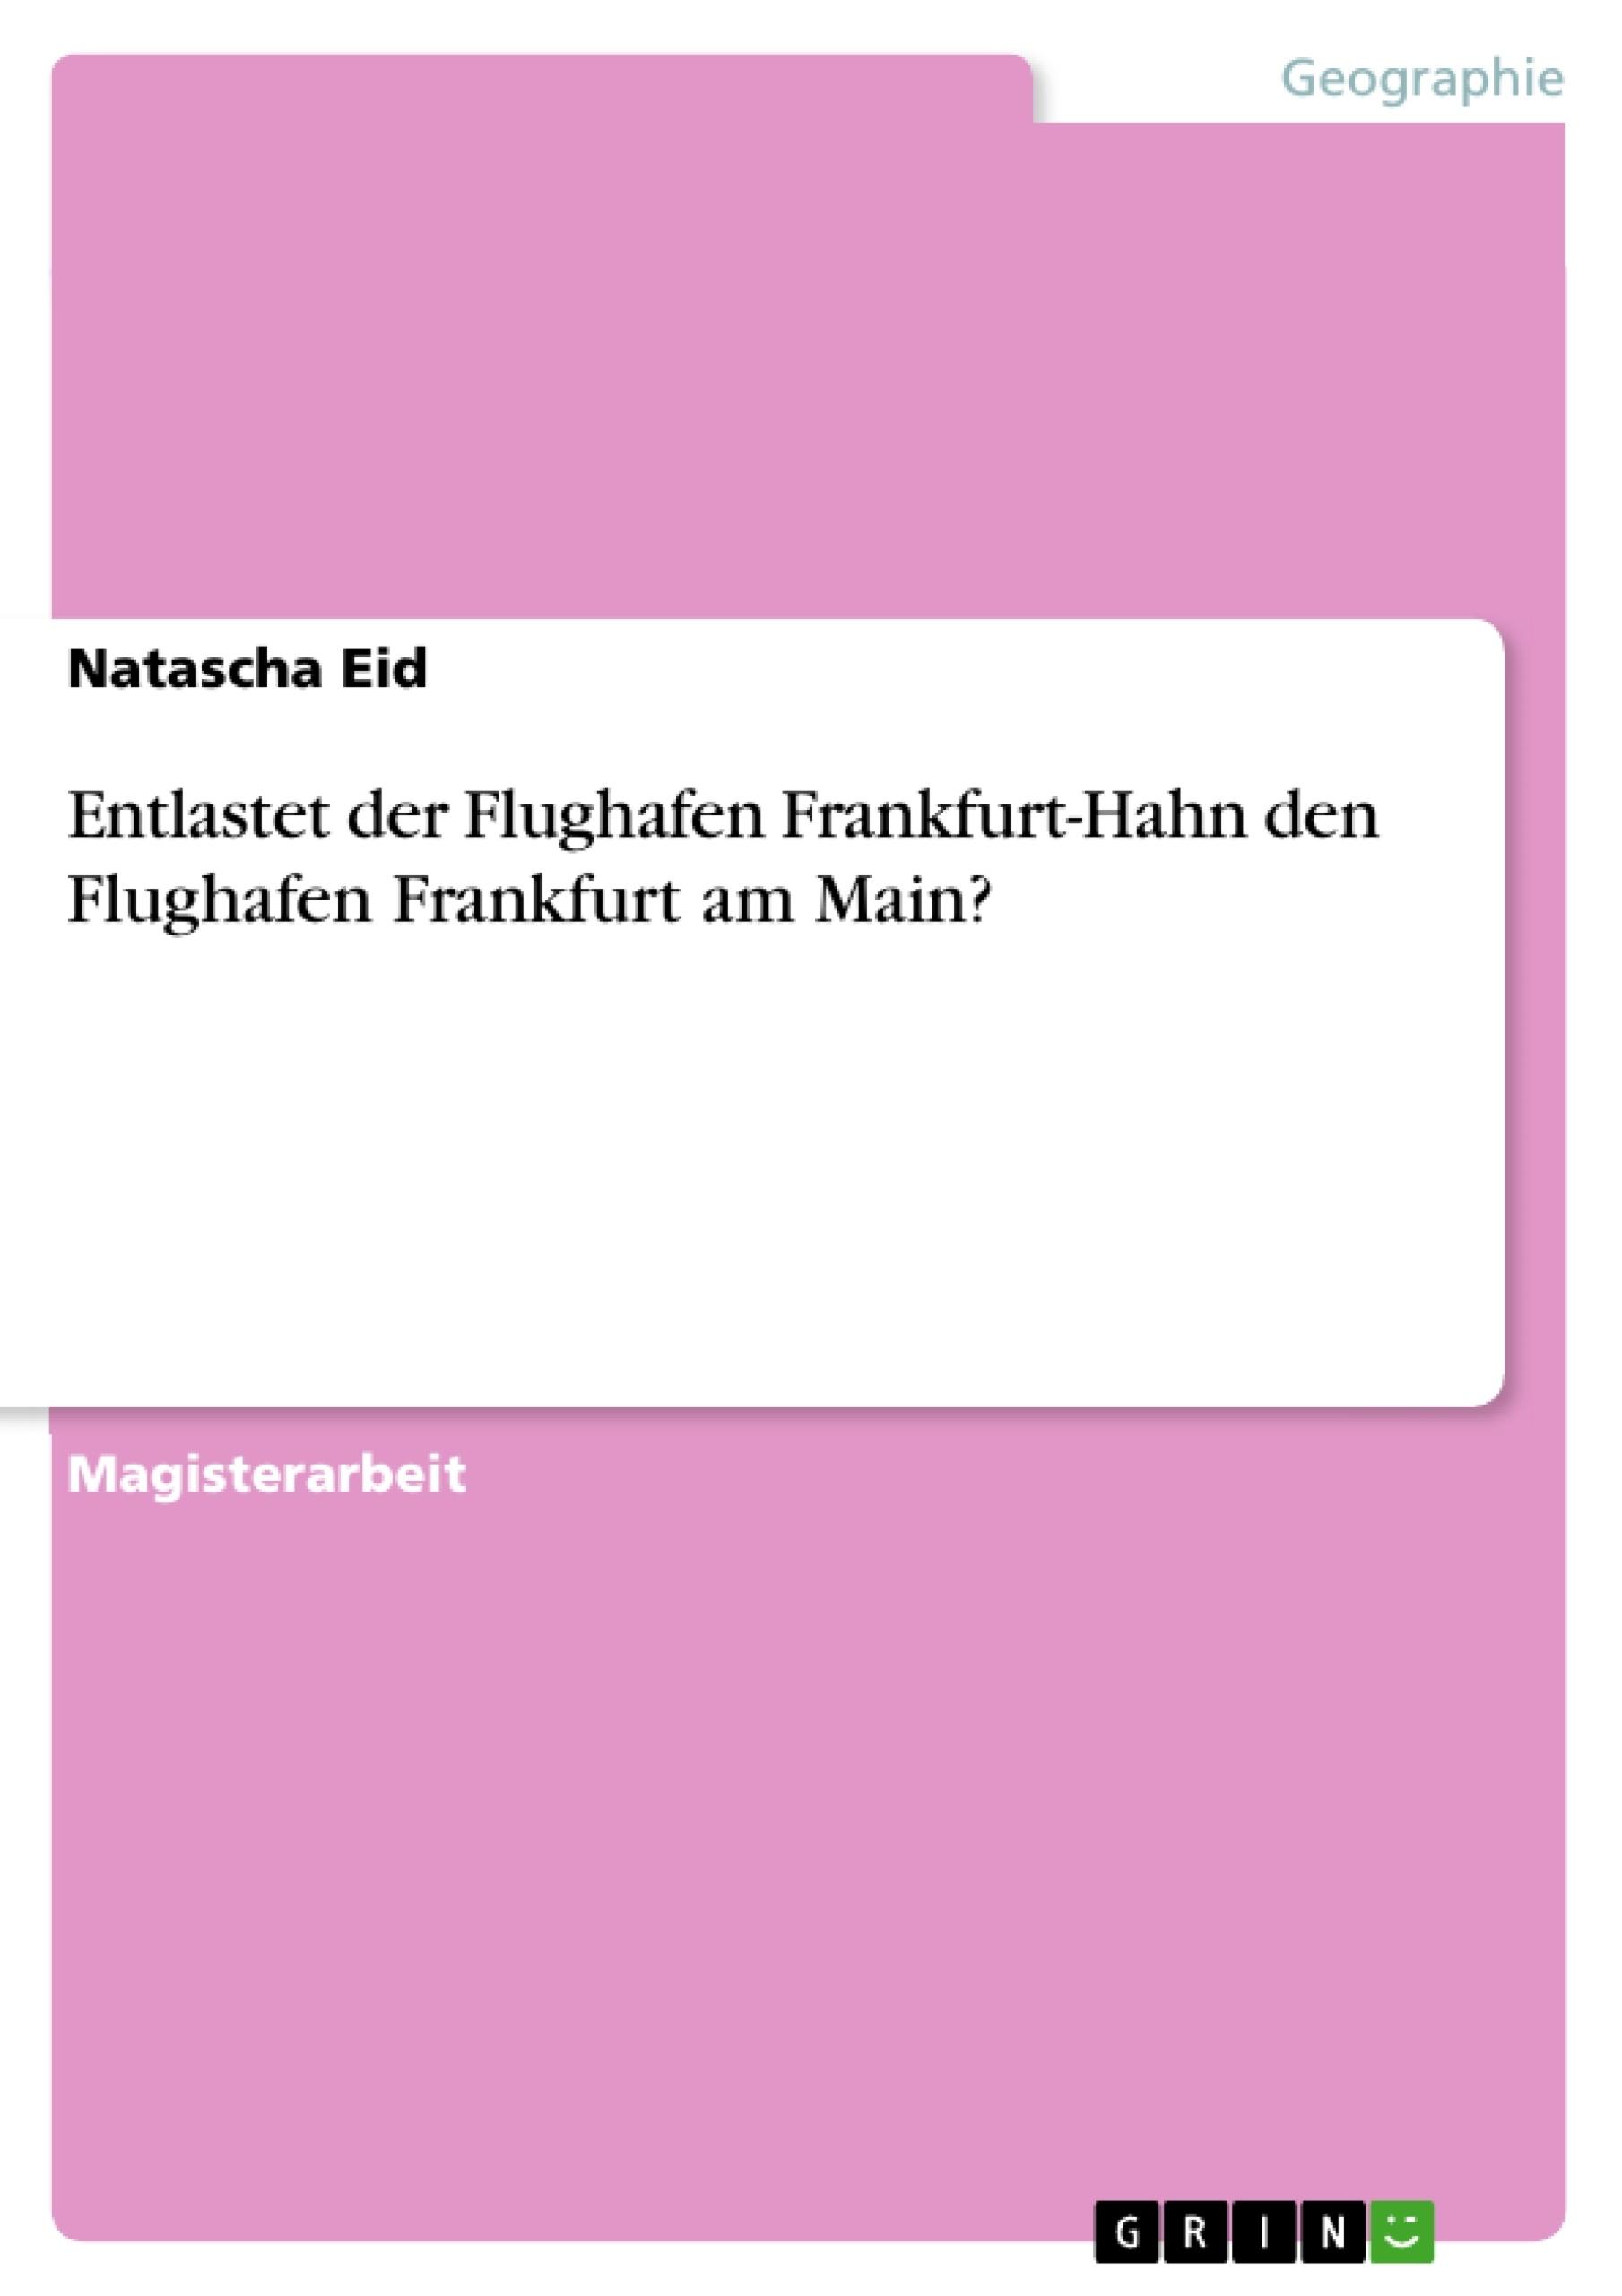 Titel: Entlastet der Flughafen Frankfurt-Hahn den Flughafen Frankfurt am Main?